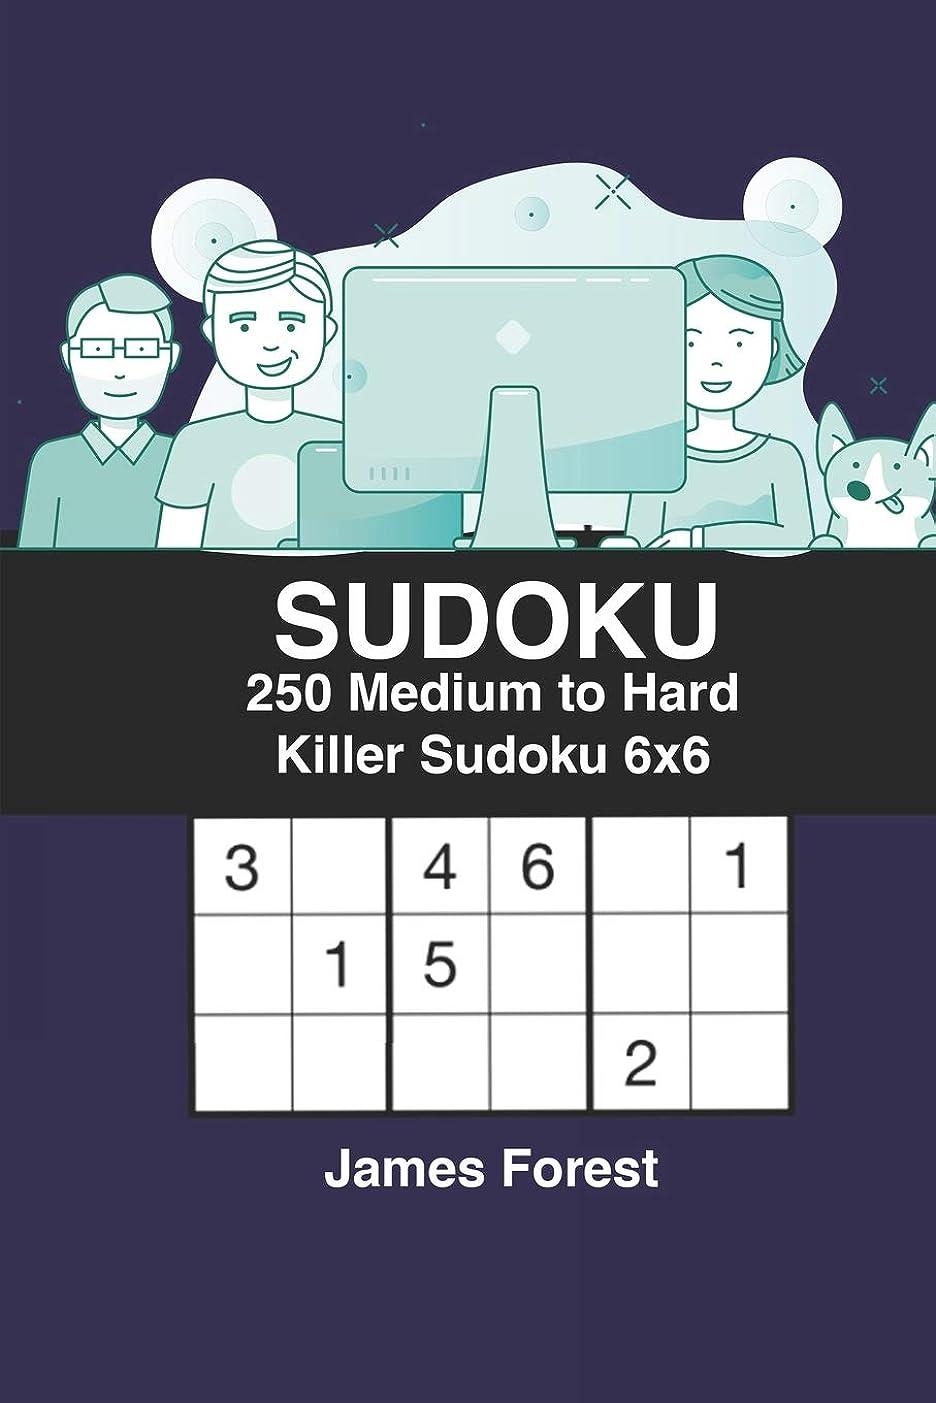 矢じりラケット焦がす250 Medium to Hard Killer Sudoku 6x6: Sudoku puzzle book for adults